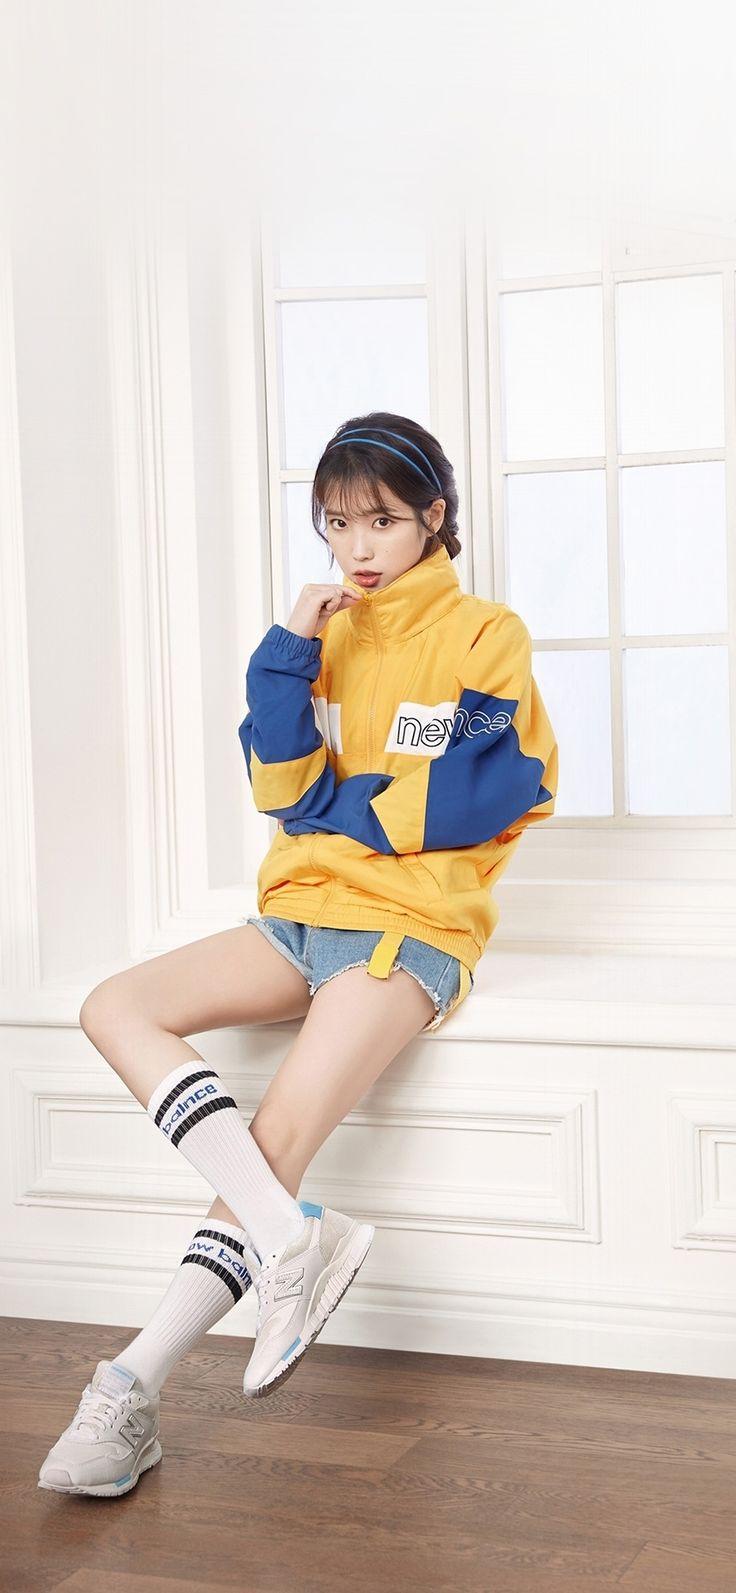 Iphone X Wallpaper : hp35-iu-korean-singer-girl-kpop via